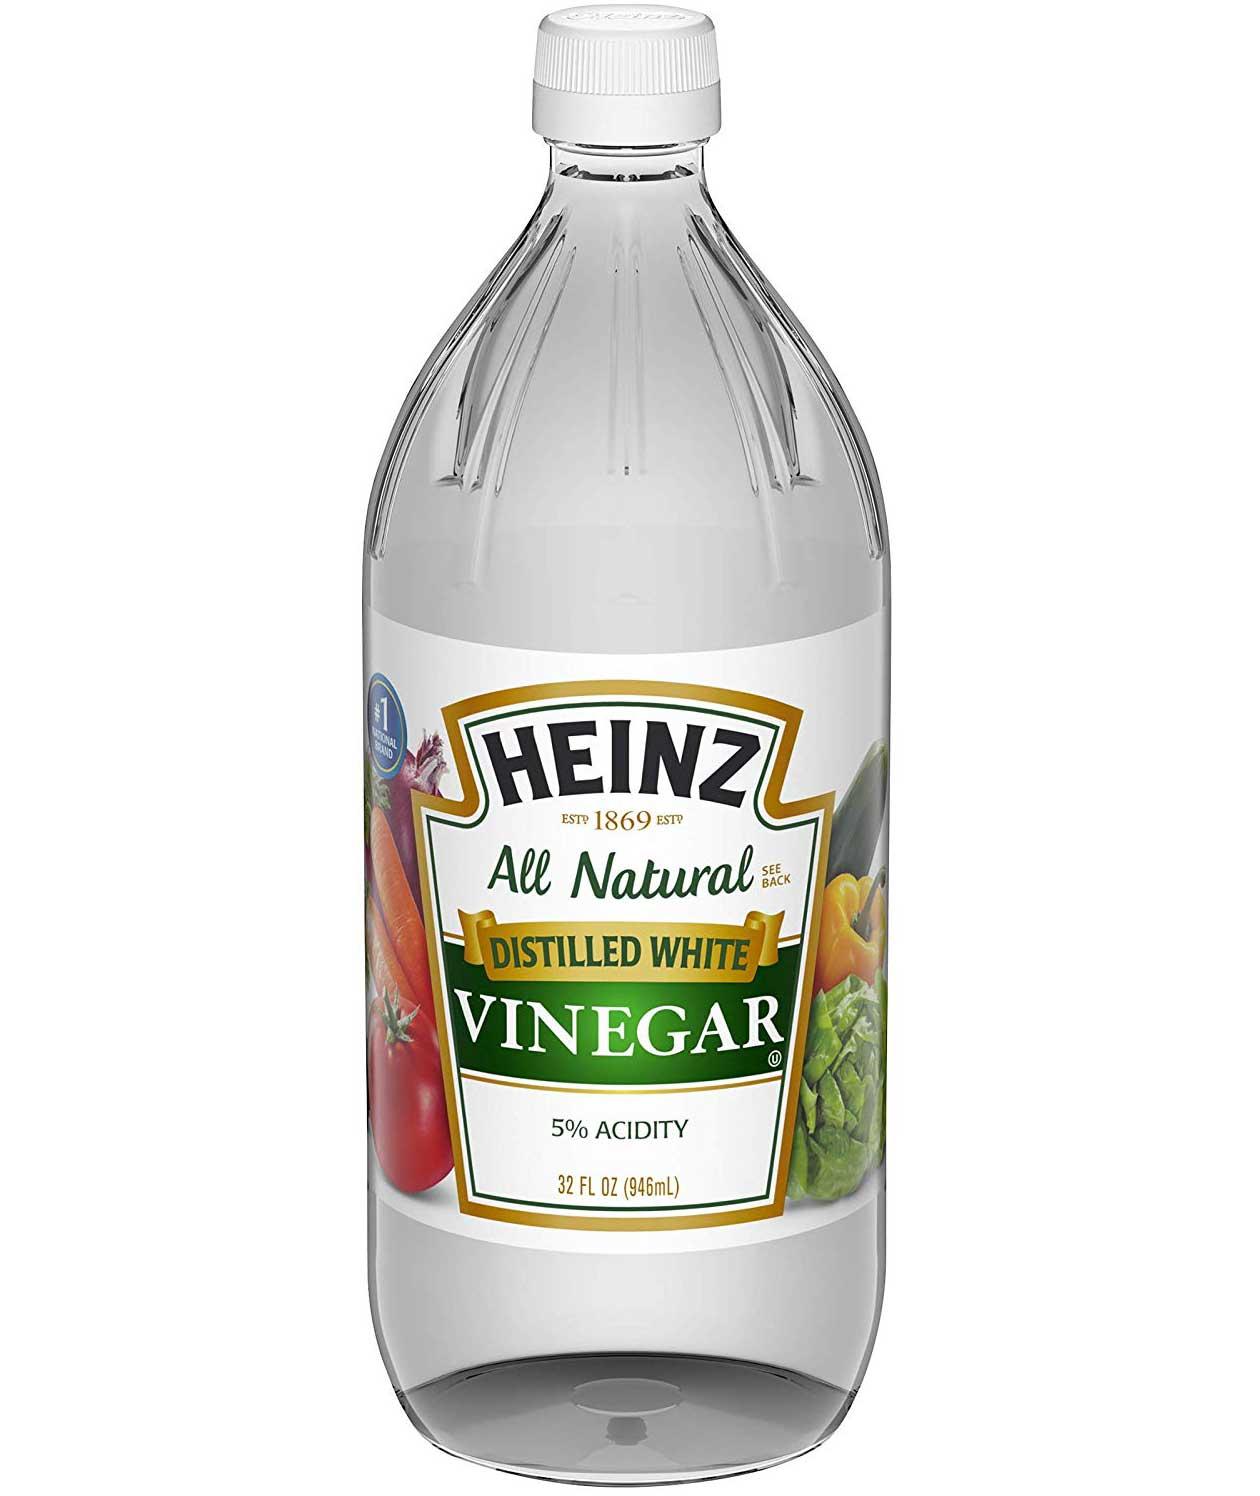 Heinz All Natural Distilled White Vinegar 946Ml